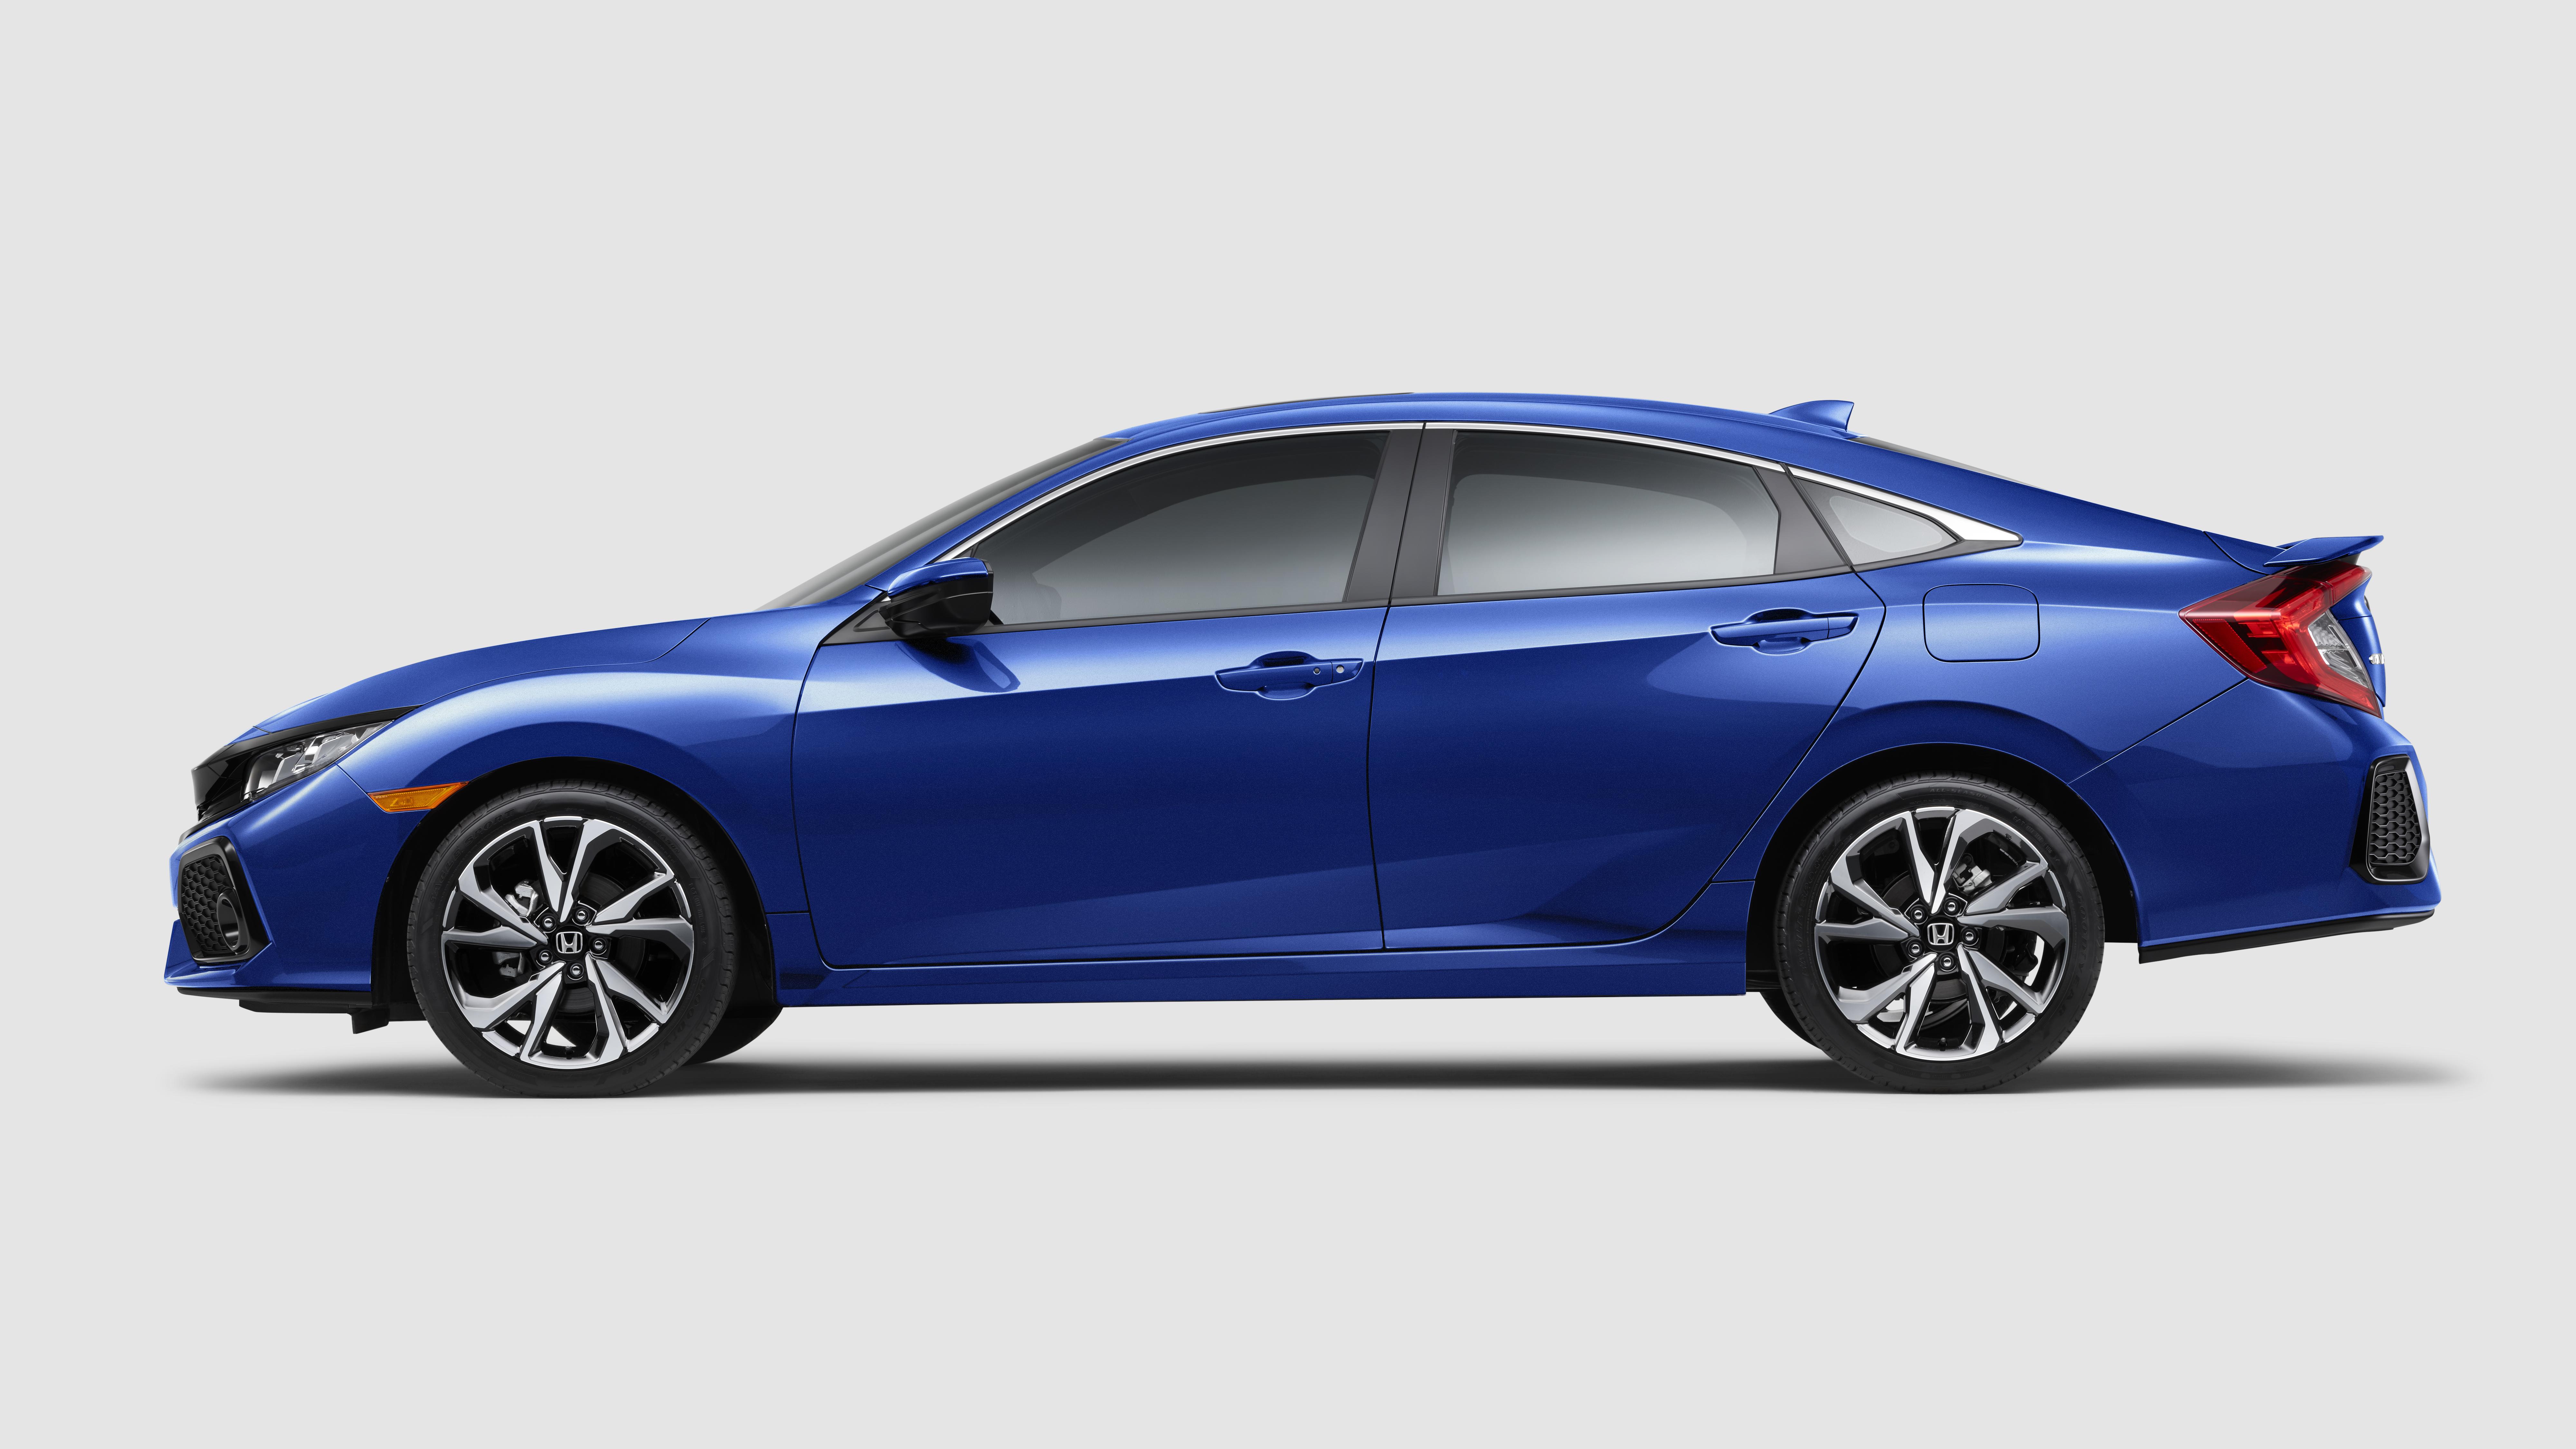 Beaverton Car Dealerships >> 2017 Honda Civic Si Coupe, Sedan Revealed - The Drive